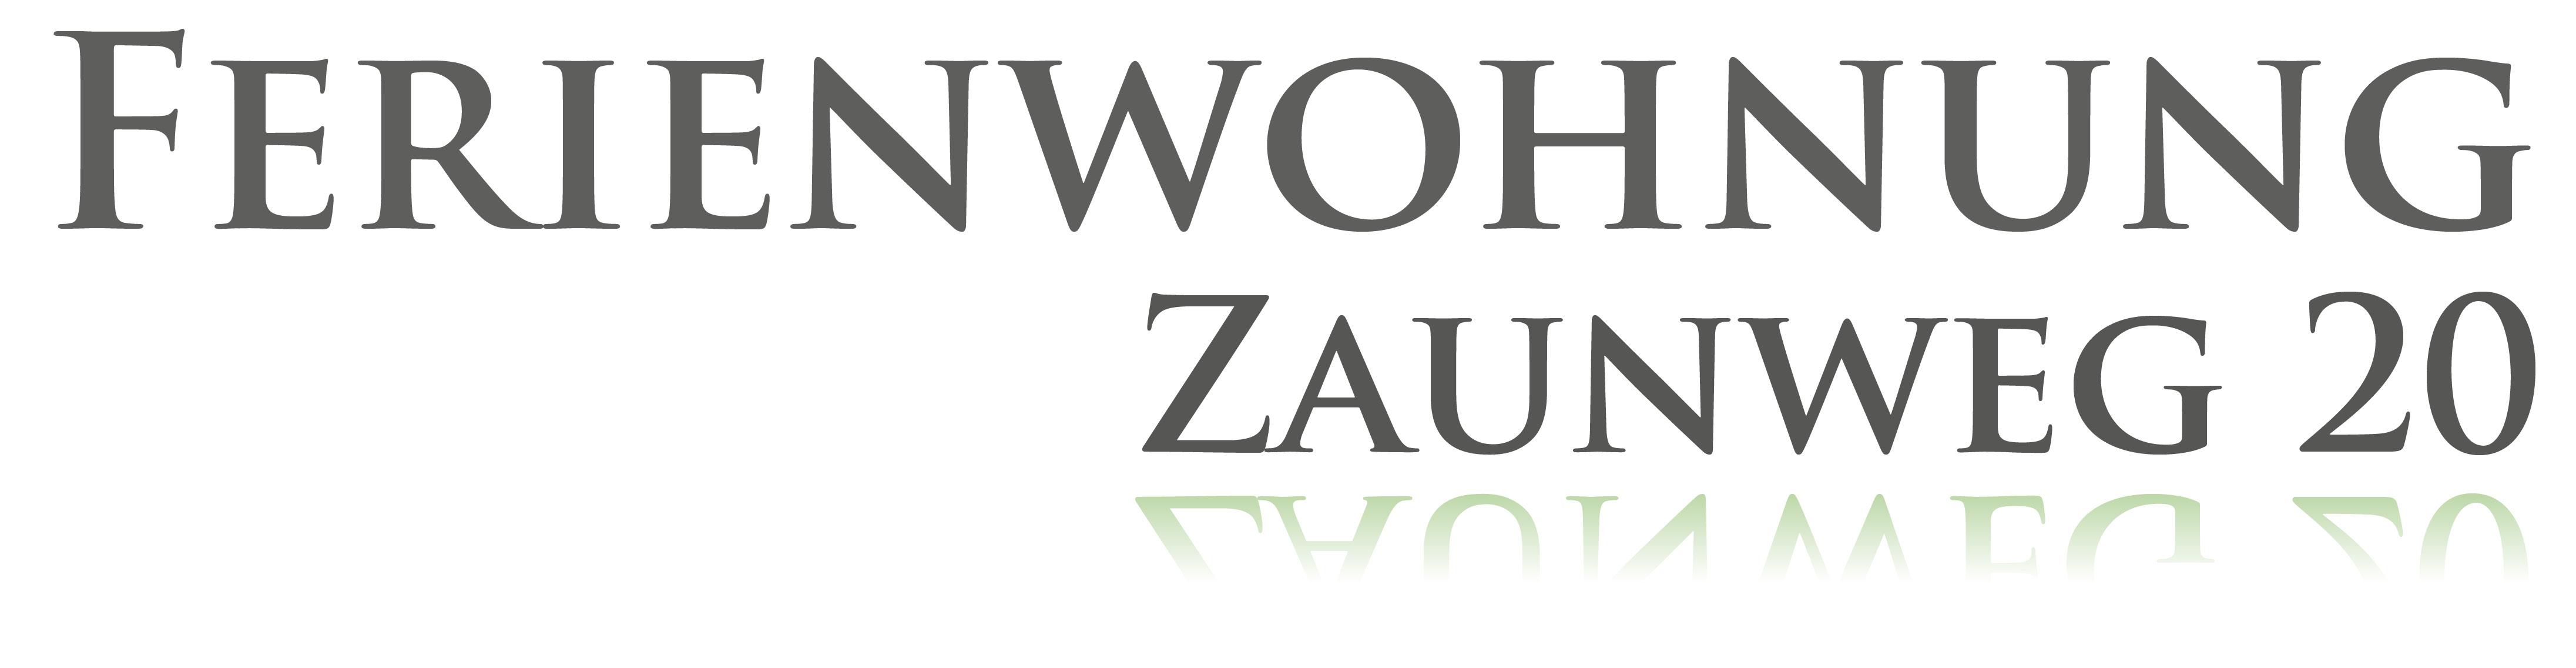 Ferienwohnung Pforzheim Logo